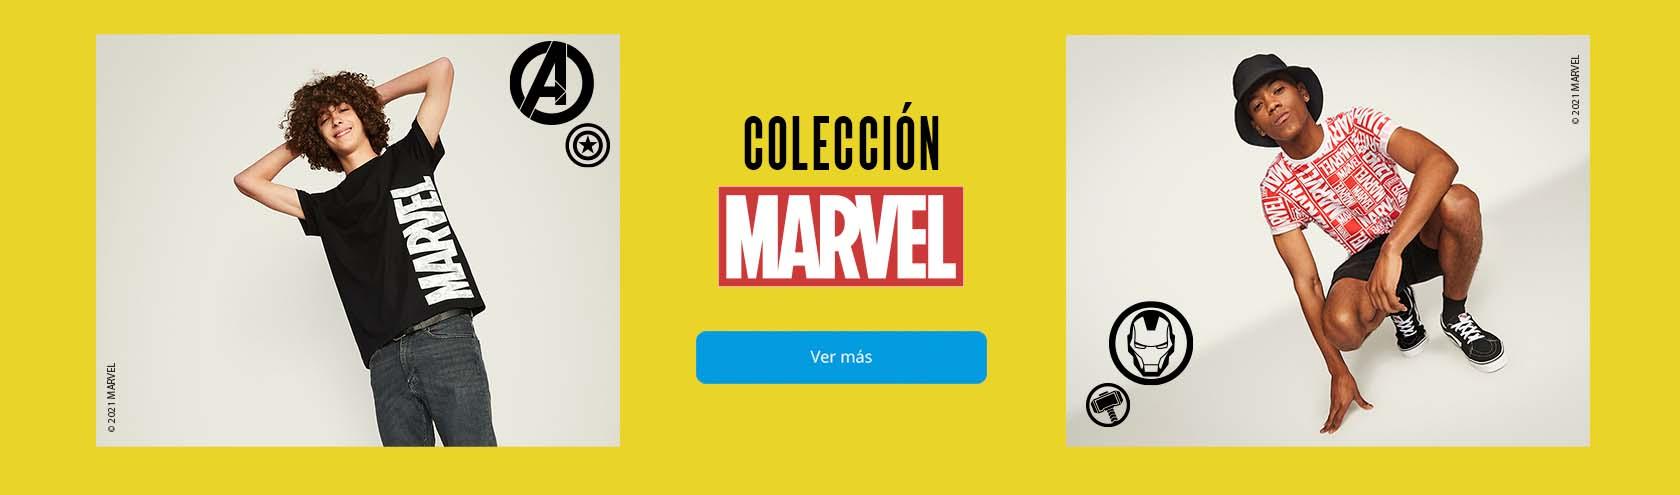 Nueva colección de Disney, Marvel, Star Wars y NatGeo